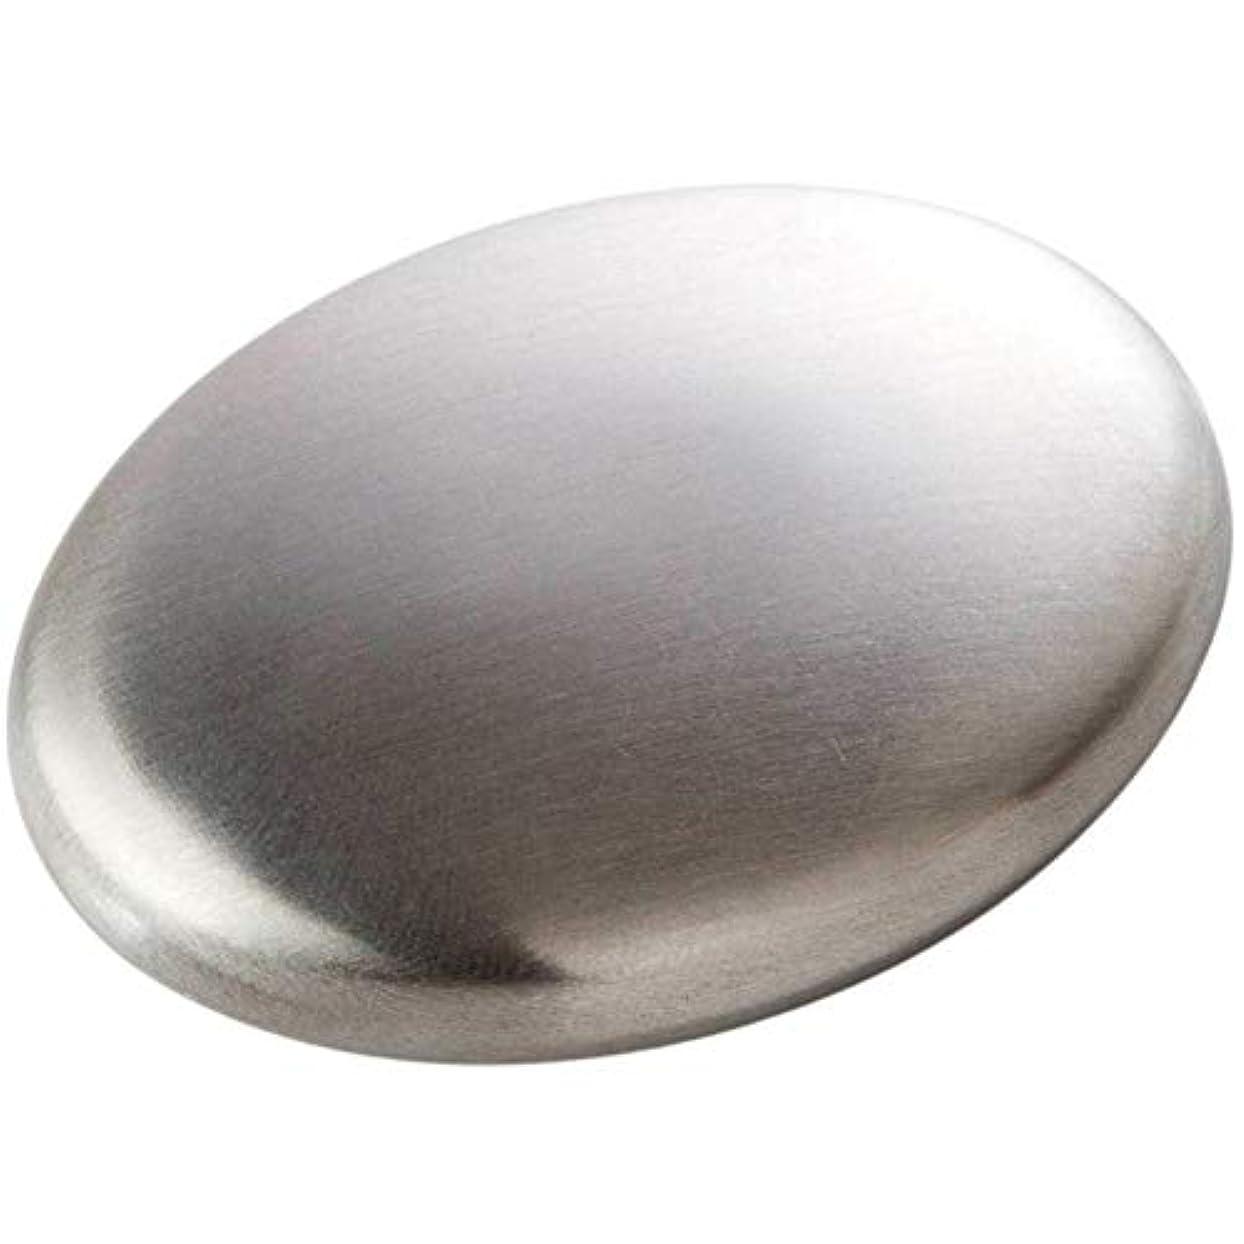 しかしカルシウムアーティストせっけん ステンレス鋼 消臭 石鹸 にんにくと魚のような臭いを取り除き ステンレス鋼 臭気除去剤 匂い除去剤 最新型 人気 実用的 Cutelove